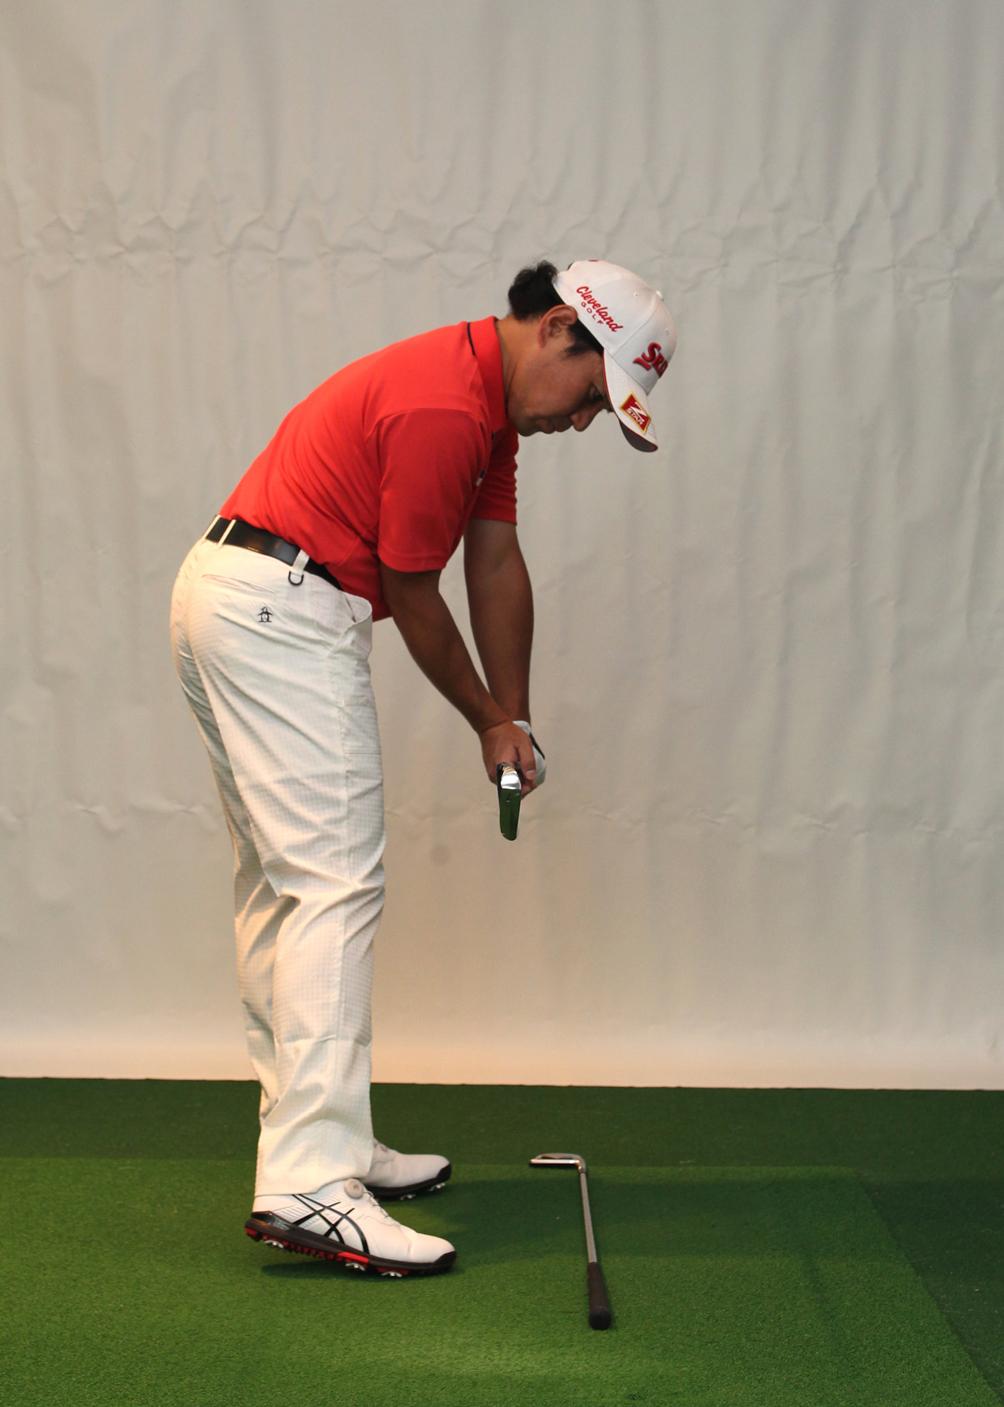 ゴルフ スイング 右 肘 【ゴルフ肘の治し方は?】ゴルフ肘の原因と対策を紹介します